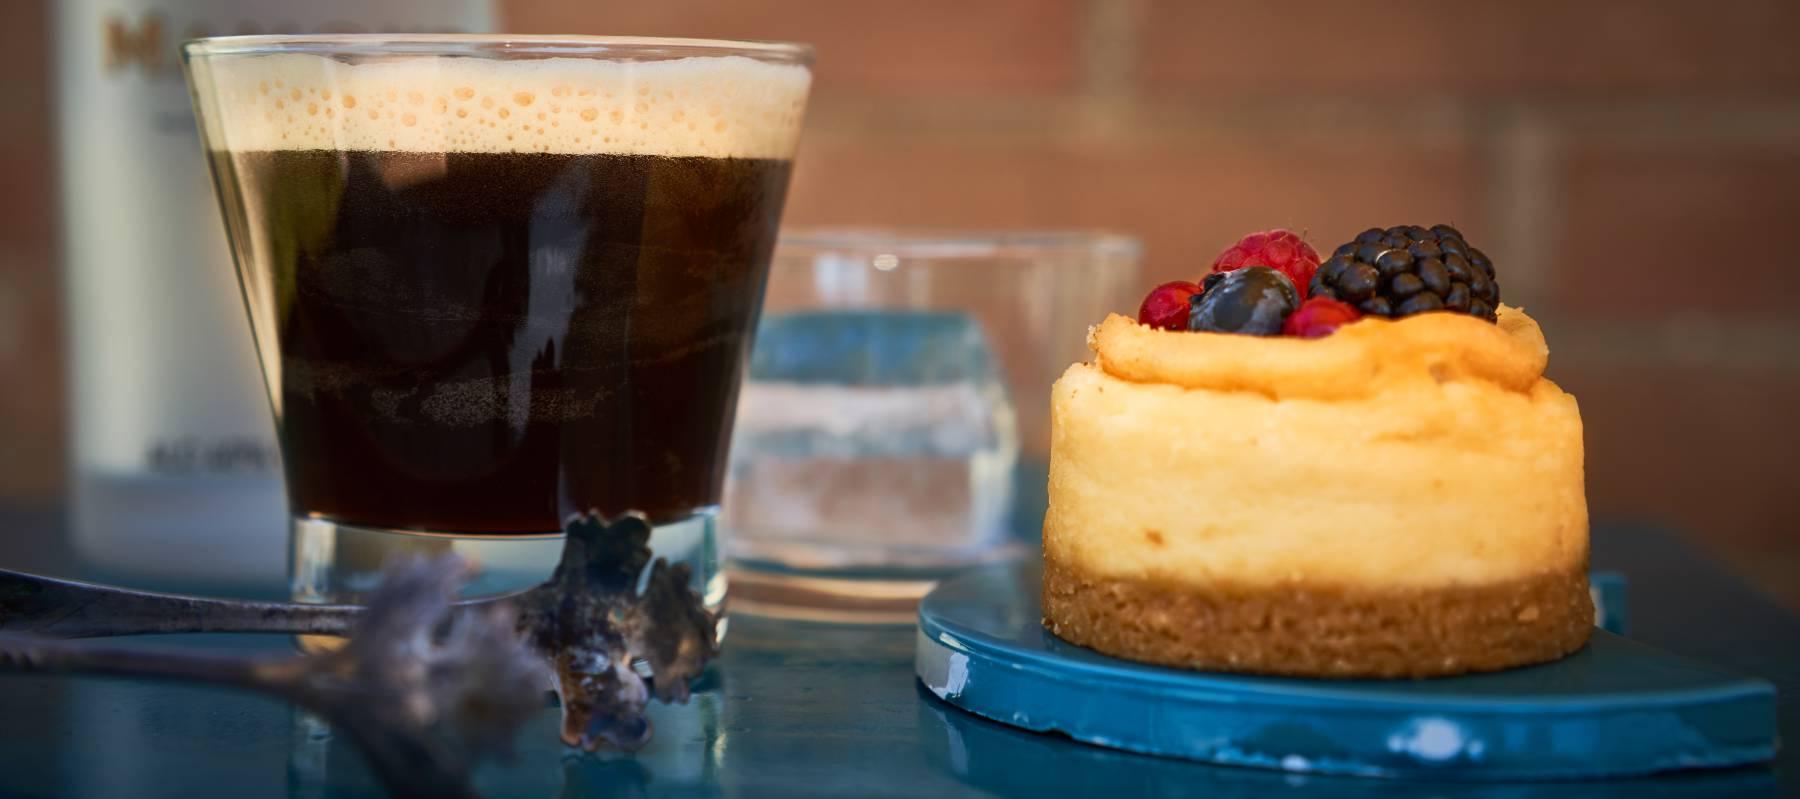 Ocho maneras frescas de tomar café y té en verano